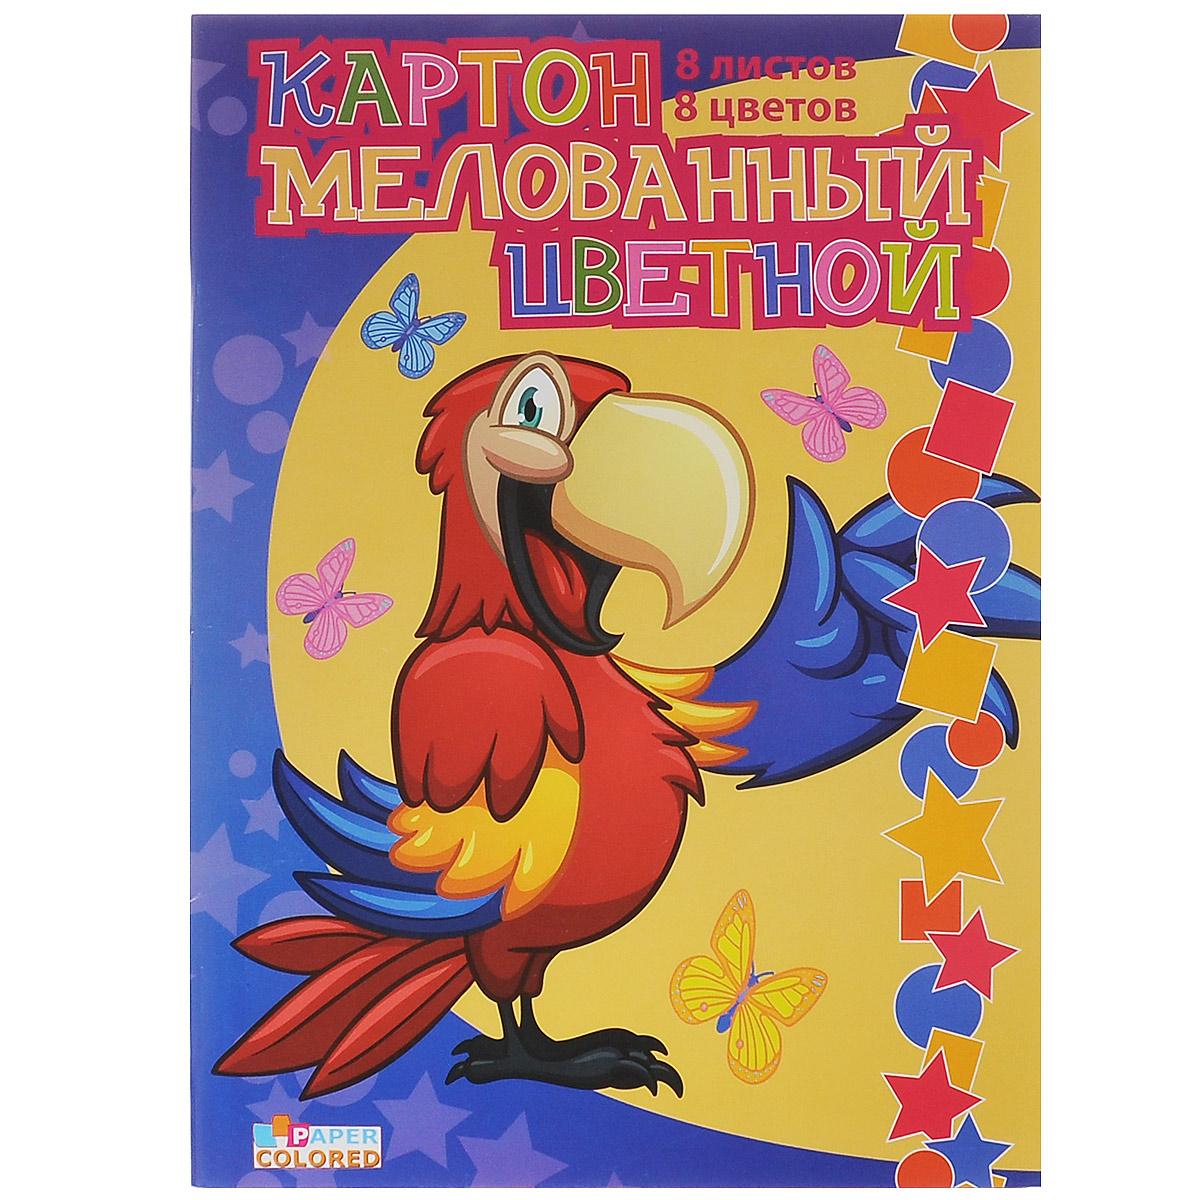 Набор цветного картона Попугай, двусторонний, мелованный, 8 цветов1160-306Набор цветного мелованного картона Попугай идеально подойдет для творческих занятий в детском саду, школе и дома.Набор состоит из двусторонних листов картона восьми цветов: черный, коричневый, фиолетовый, синий, зеленый, желтый, оранжевый, малиновый. Картон упакован в яркую папку, оформленную рисунком с изображением попугайчика.Большой выбор ярких, насыщенных цветов расширит возможности для создания аппликаций, объемных поделок и открыток.